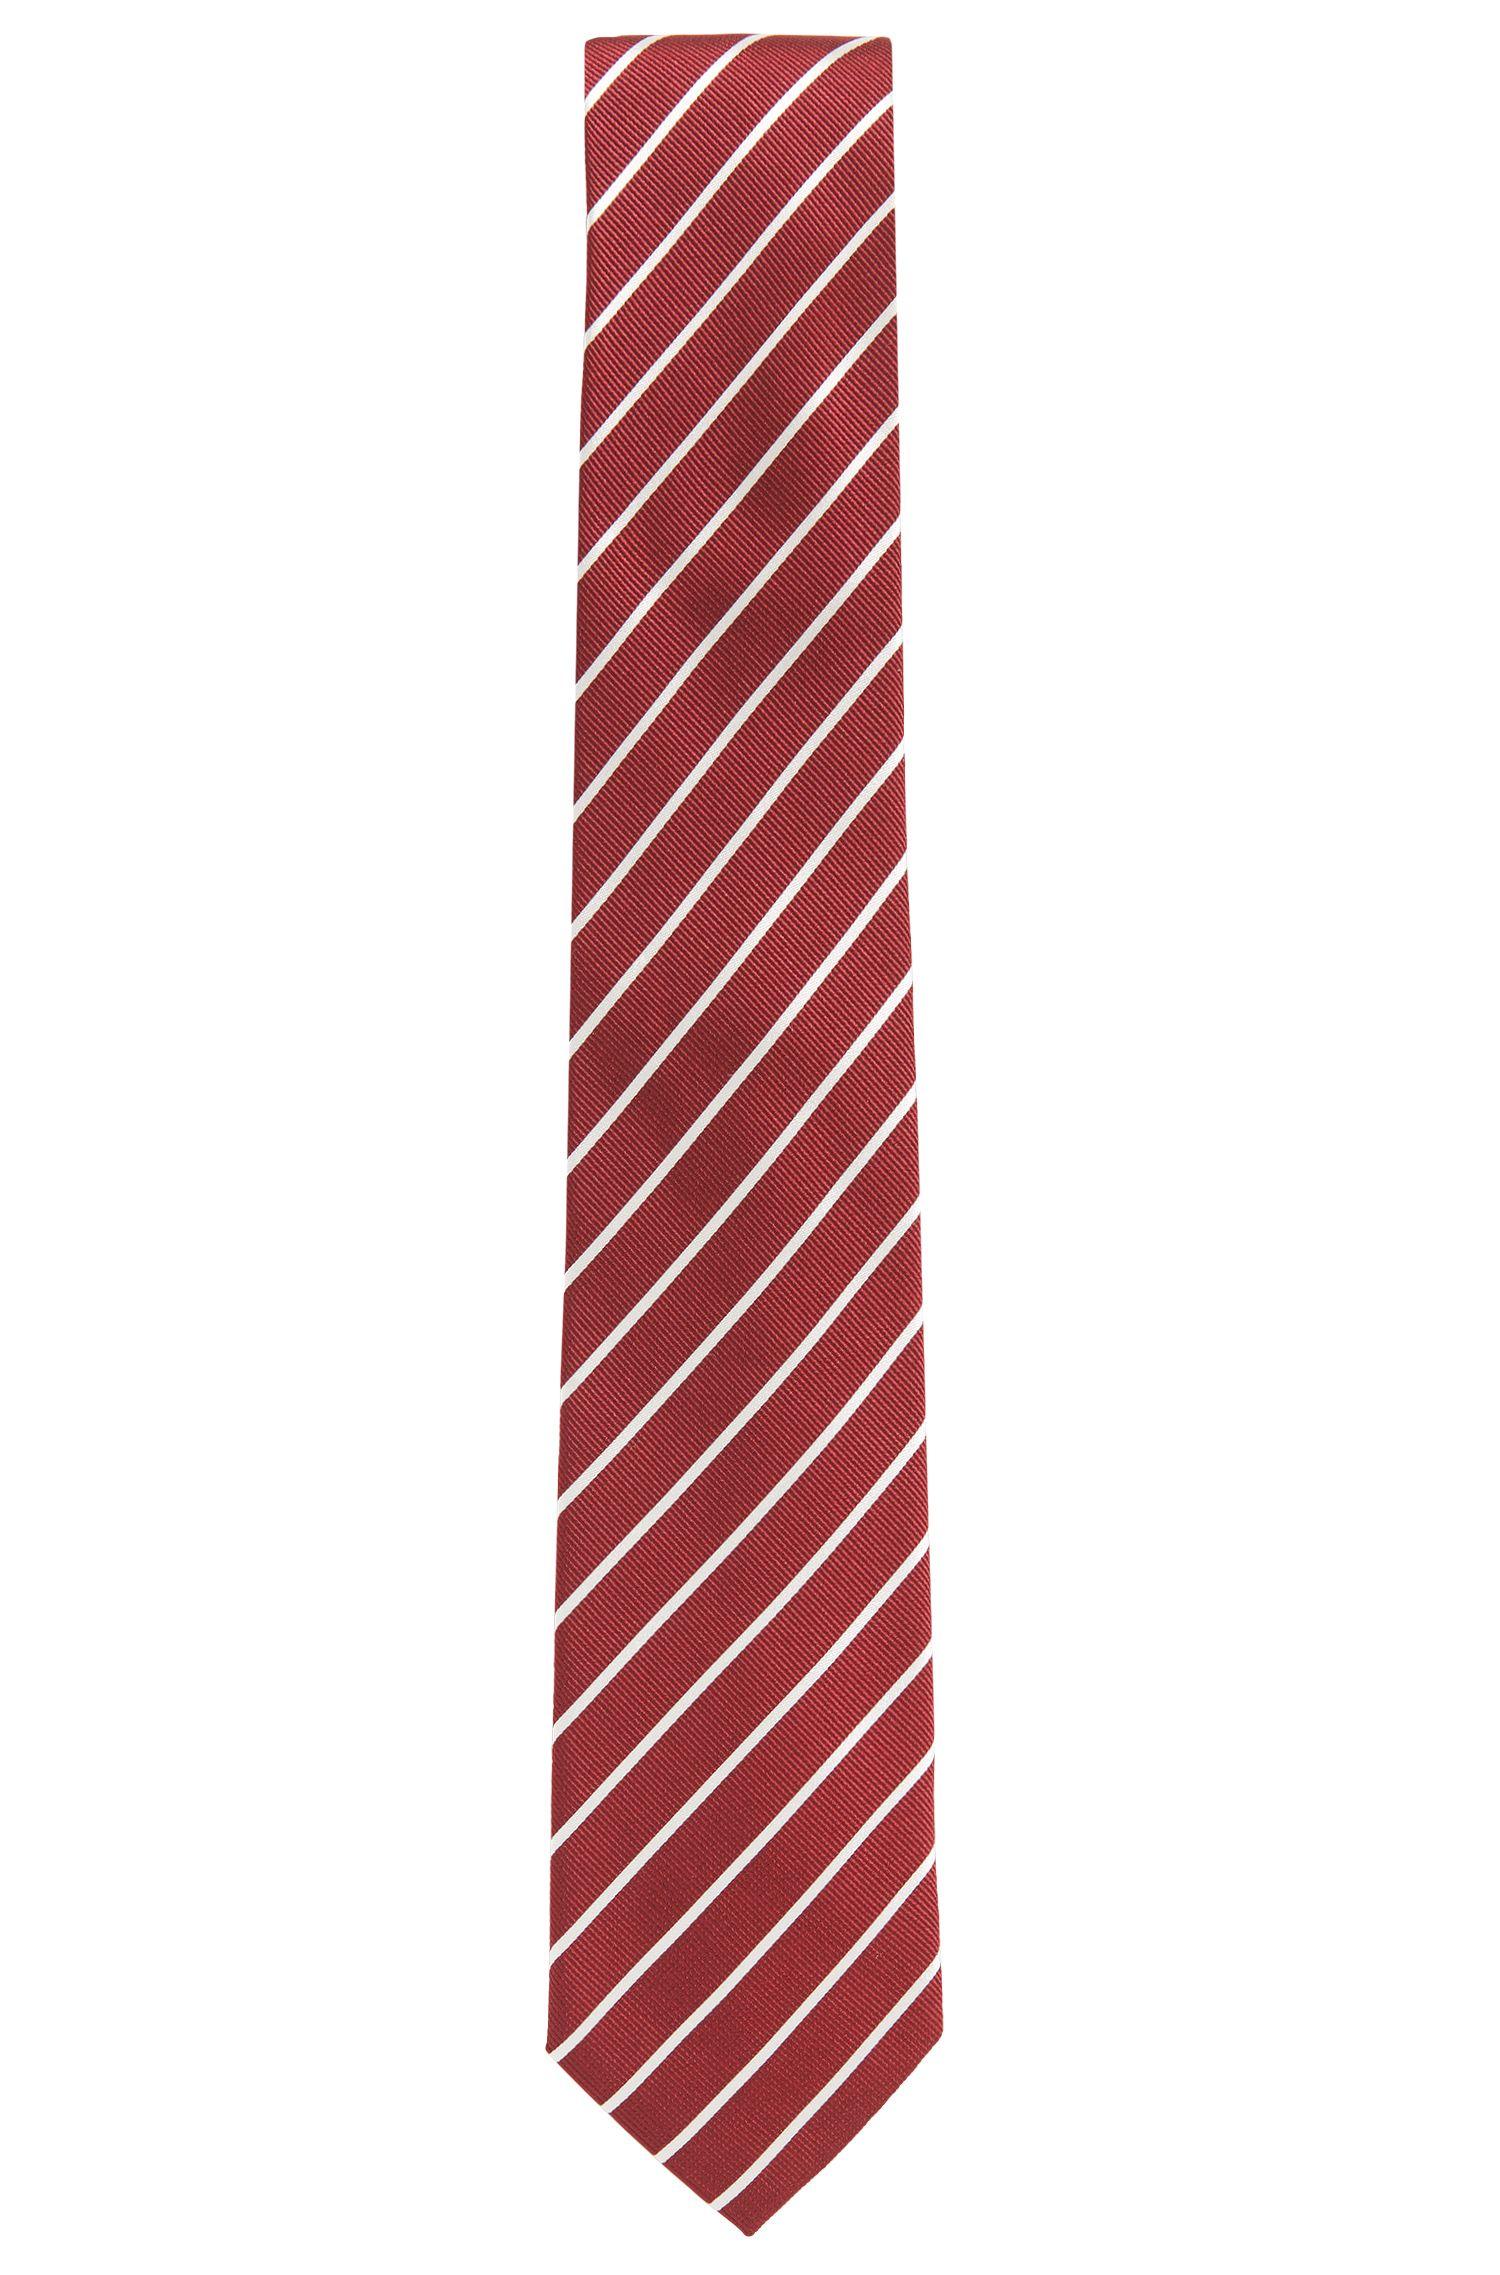 Gestreepte stropdas van zijdejacquard